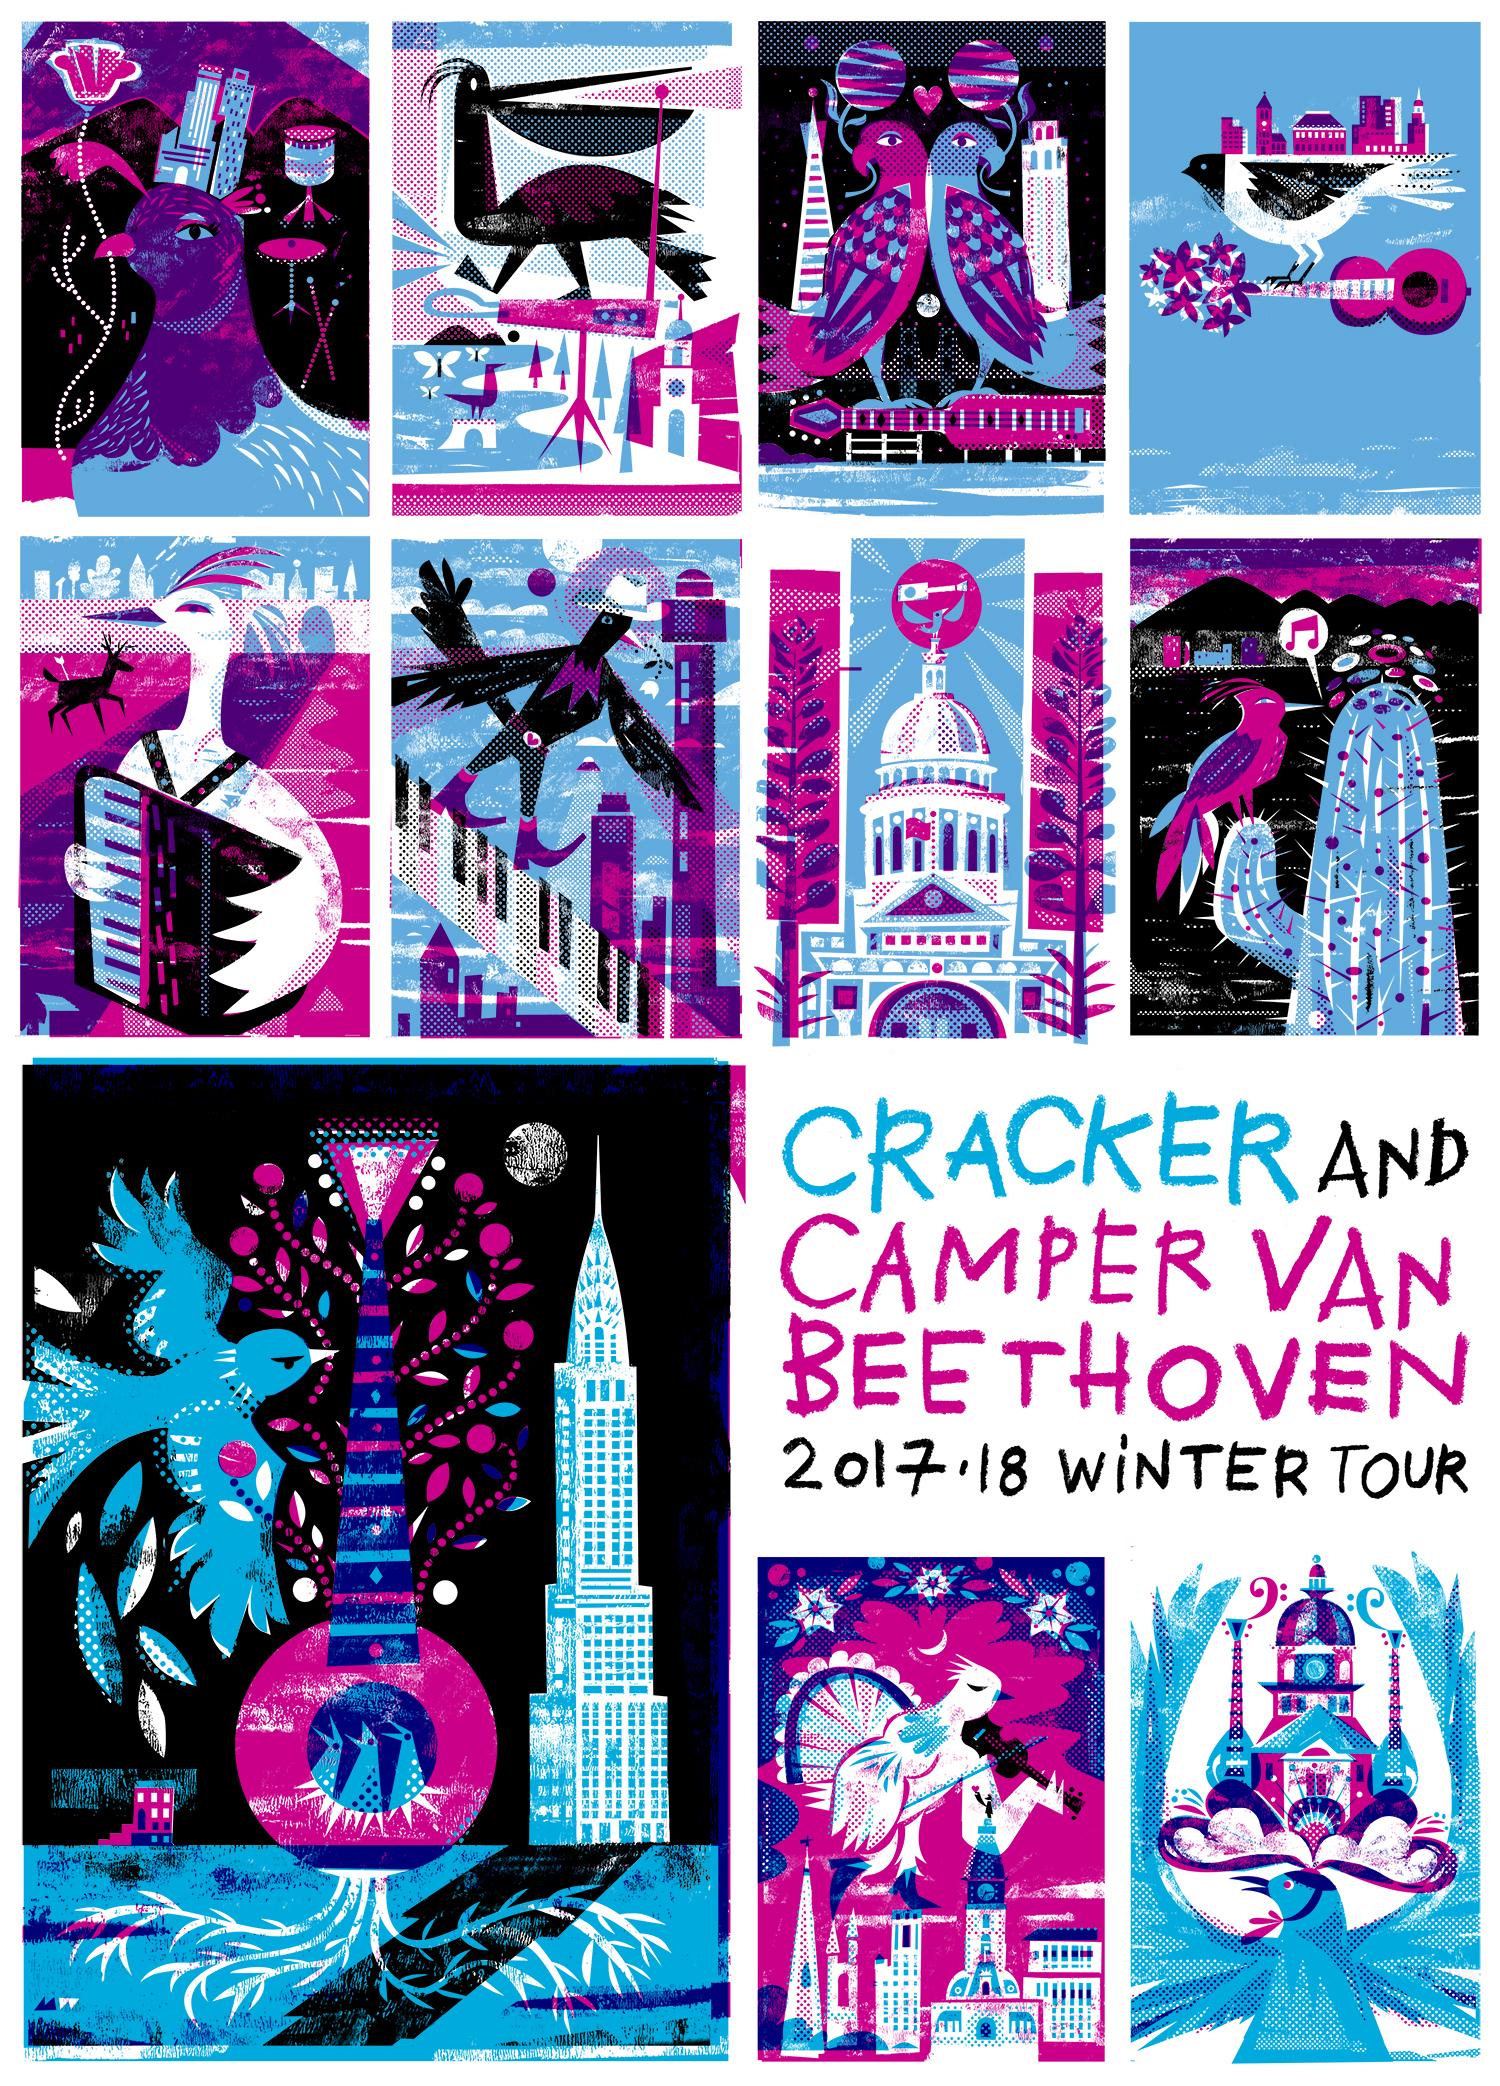 Cracker and Camper Van Beethoven: Winter Tour 2017